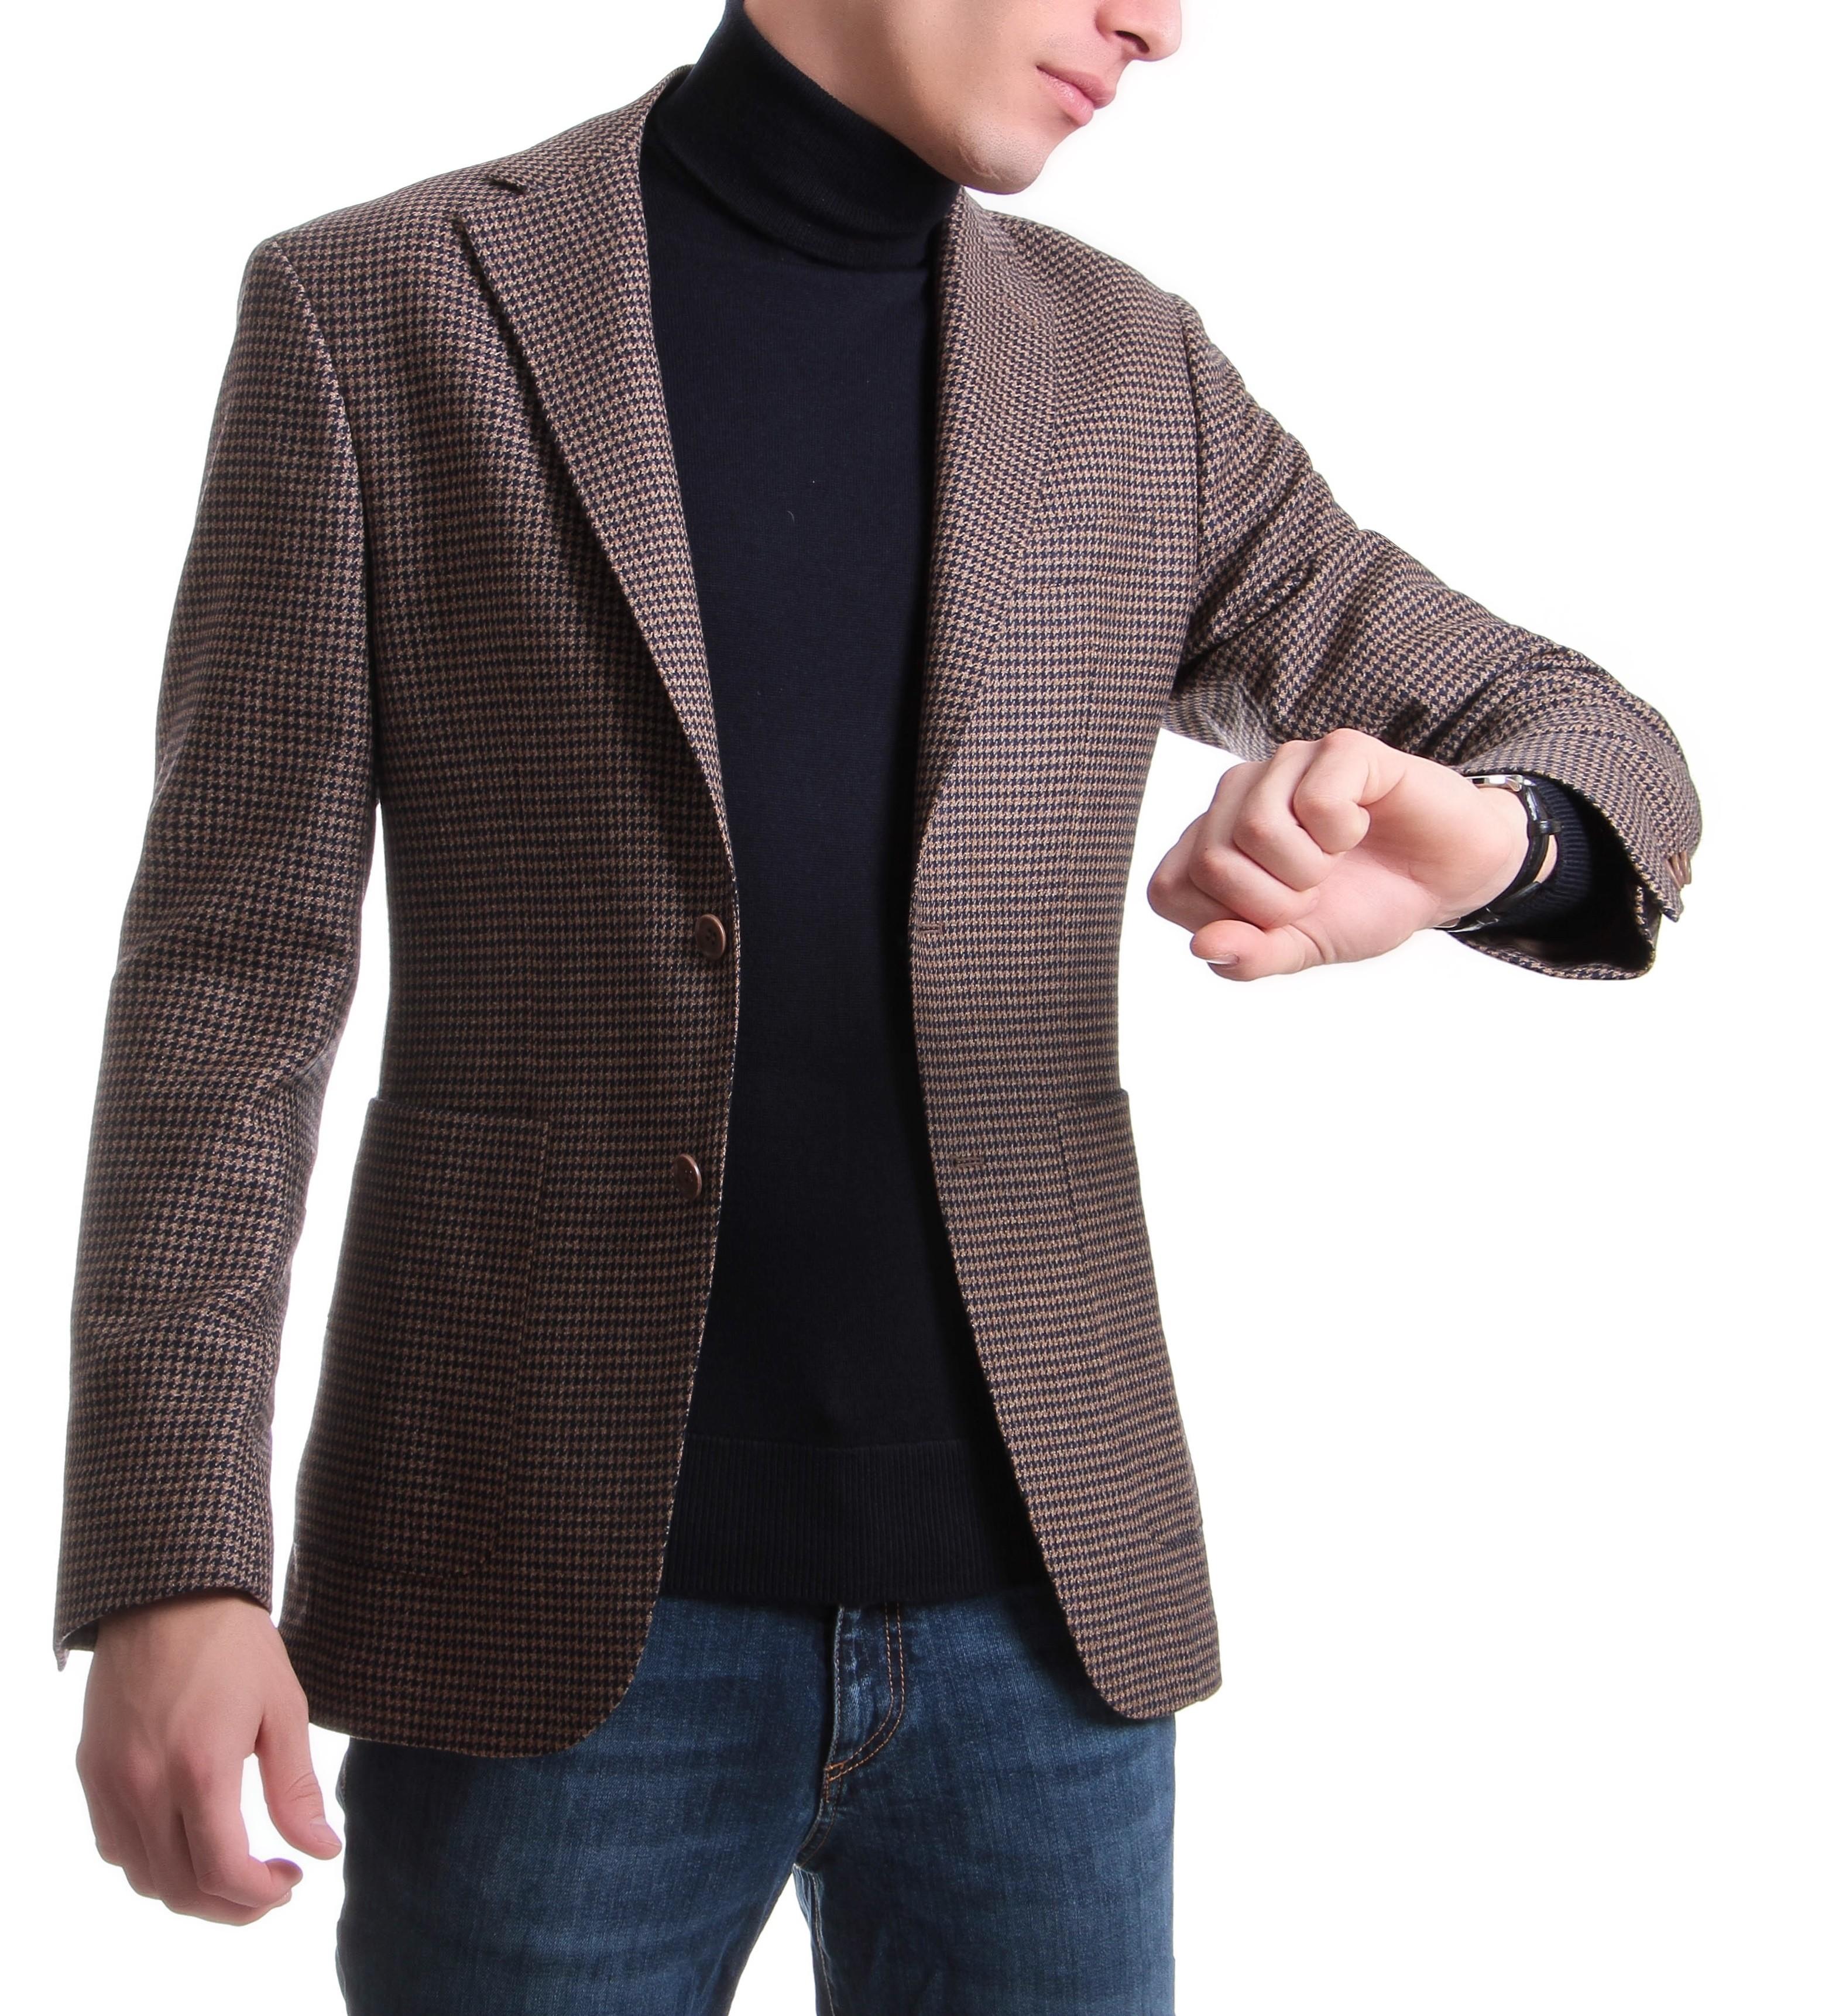 Slack Jacket E.Thomas Pied de Poule